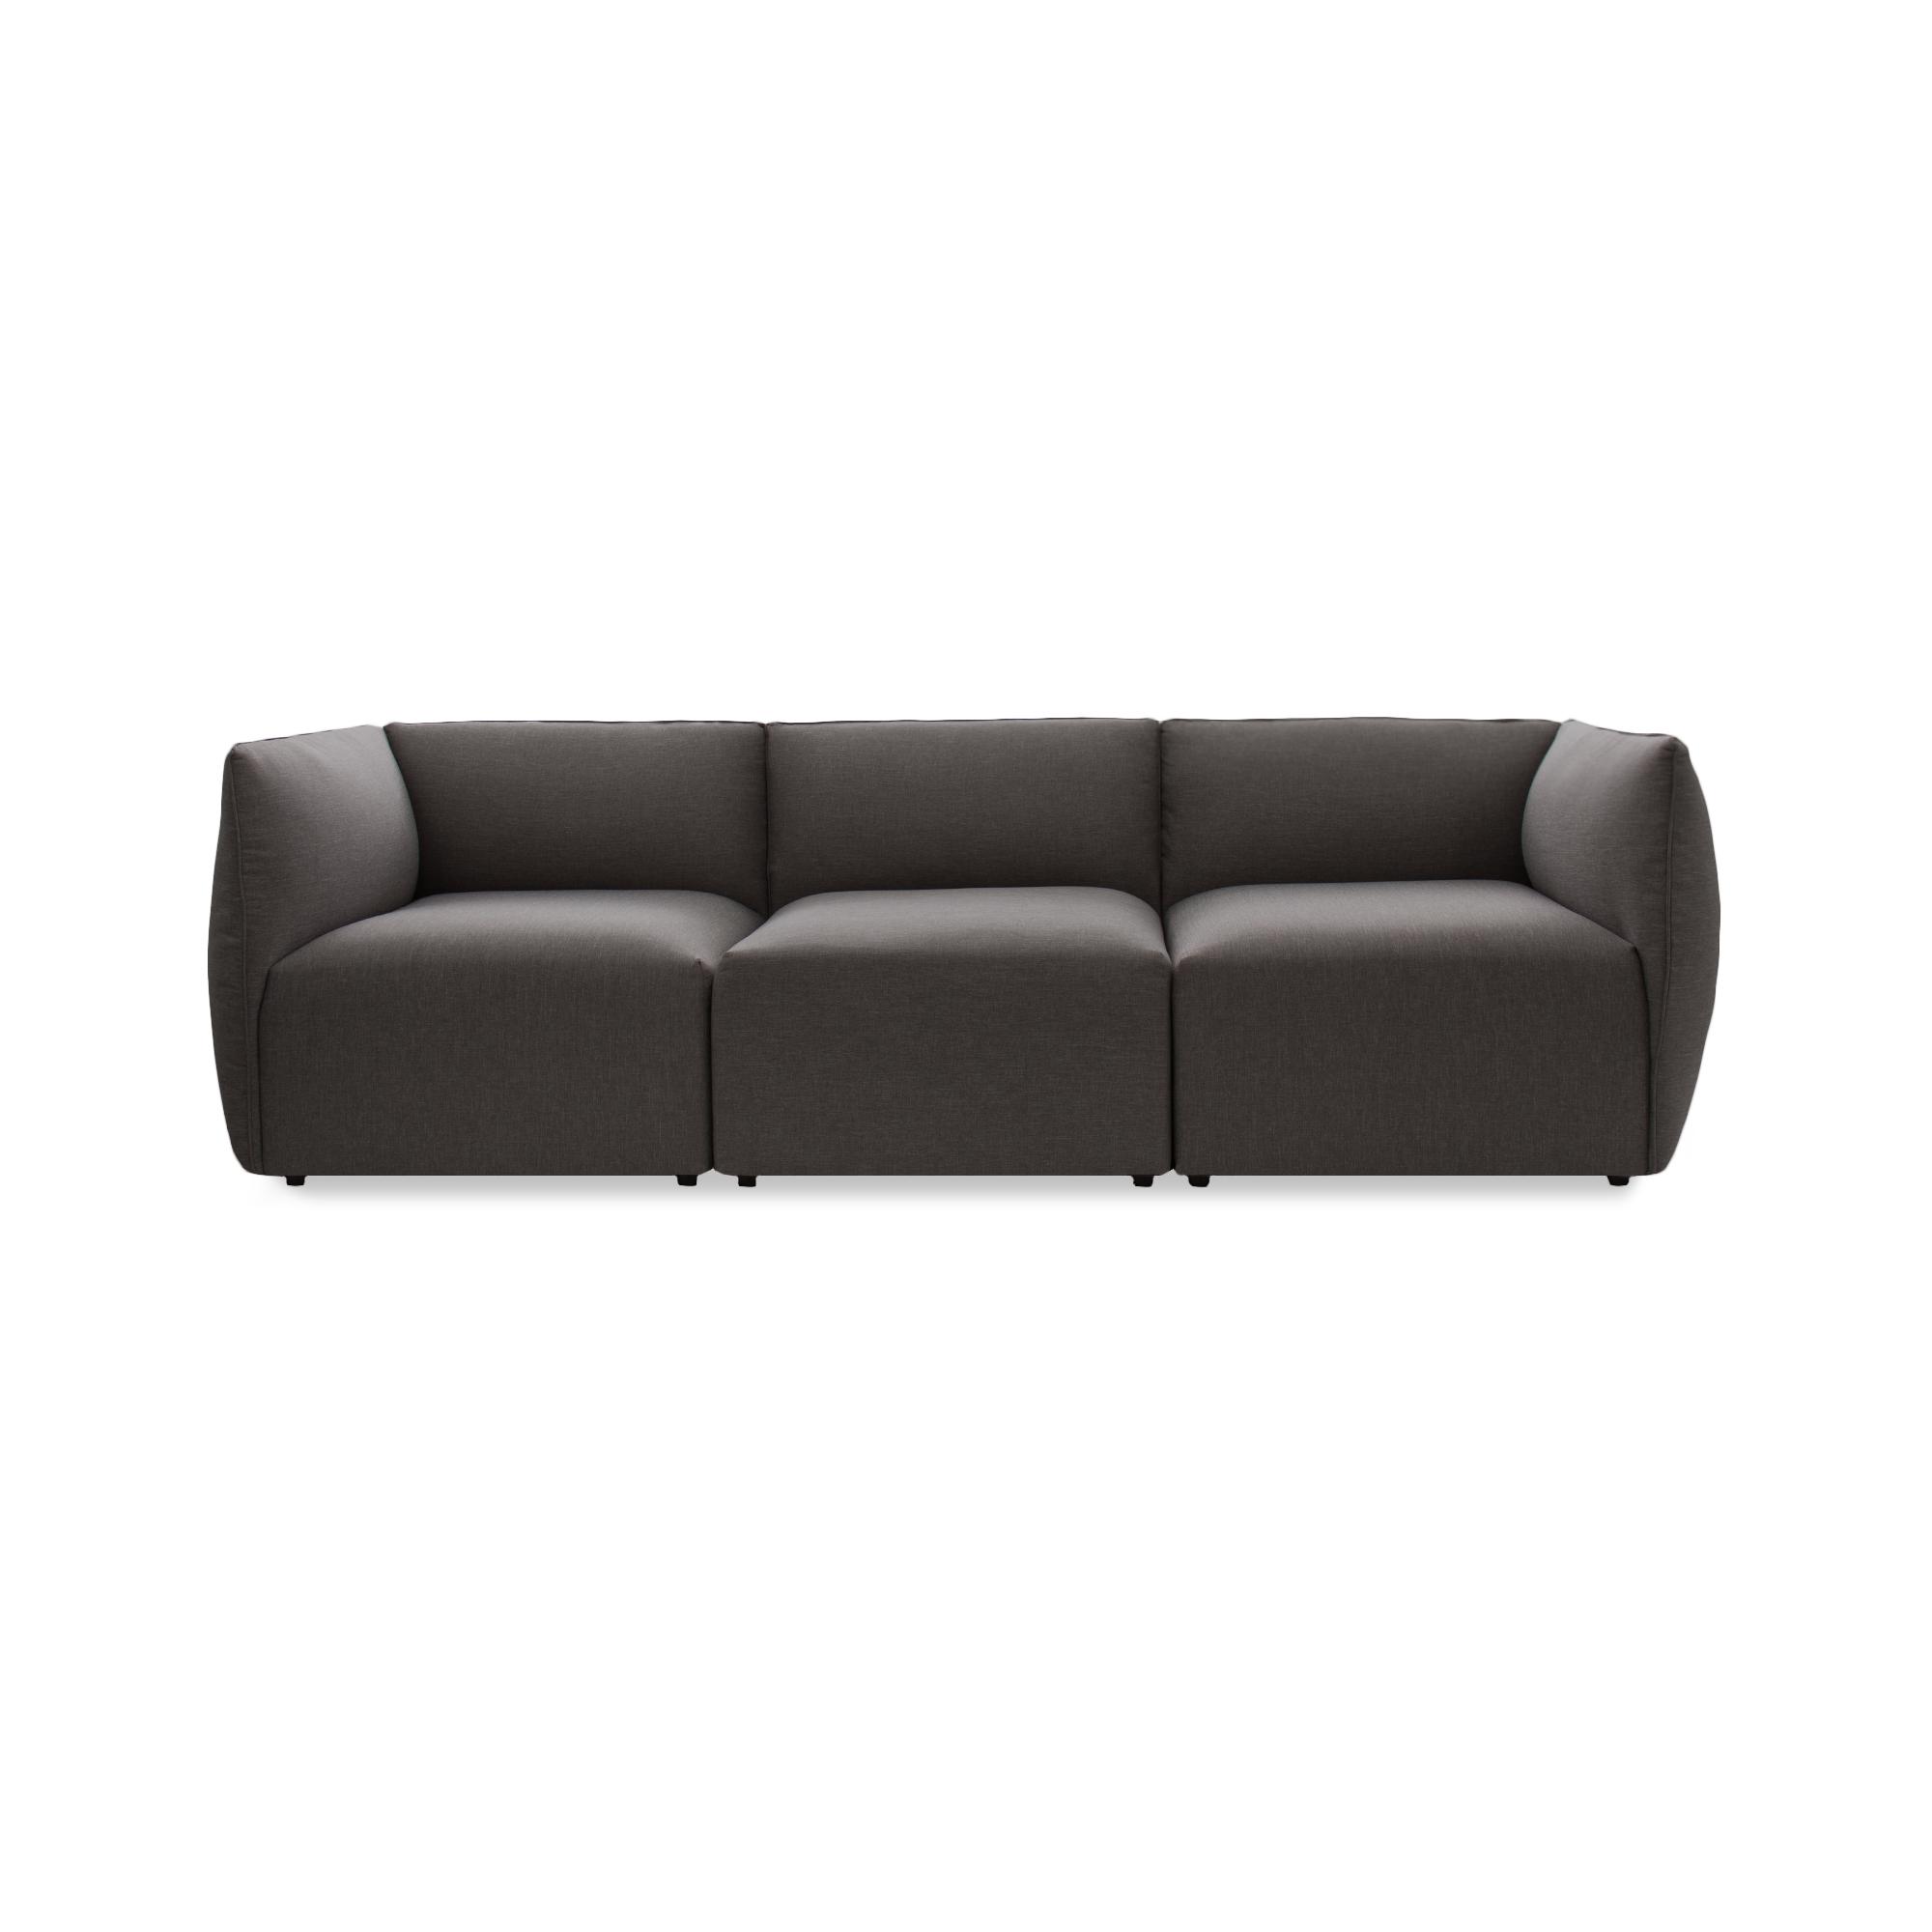 Canapea Fixa 3 locuri Cube Dark Grey